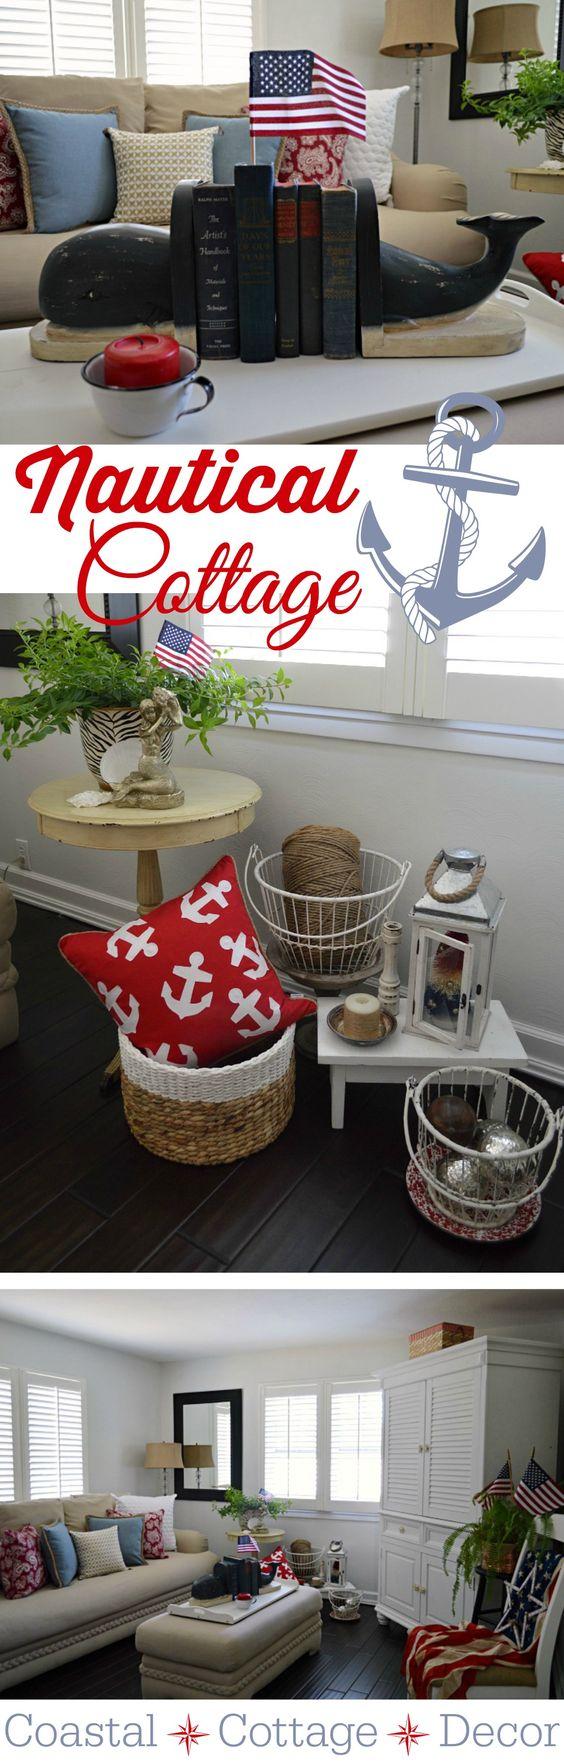 Coastal Cottage Nautical Home Decorating